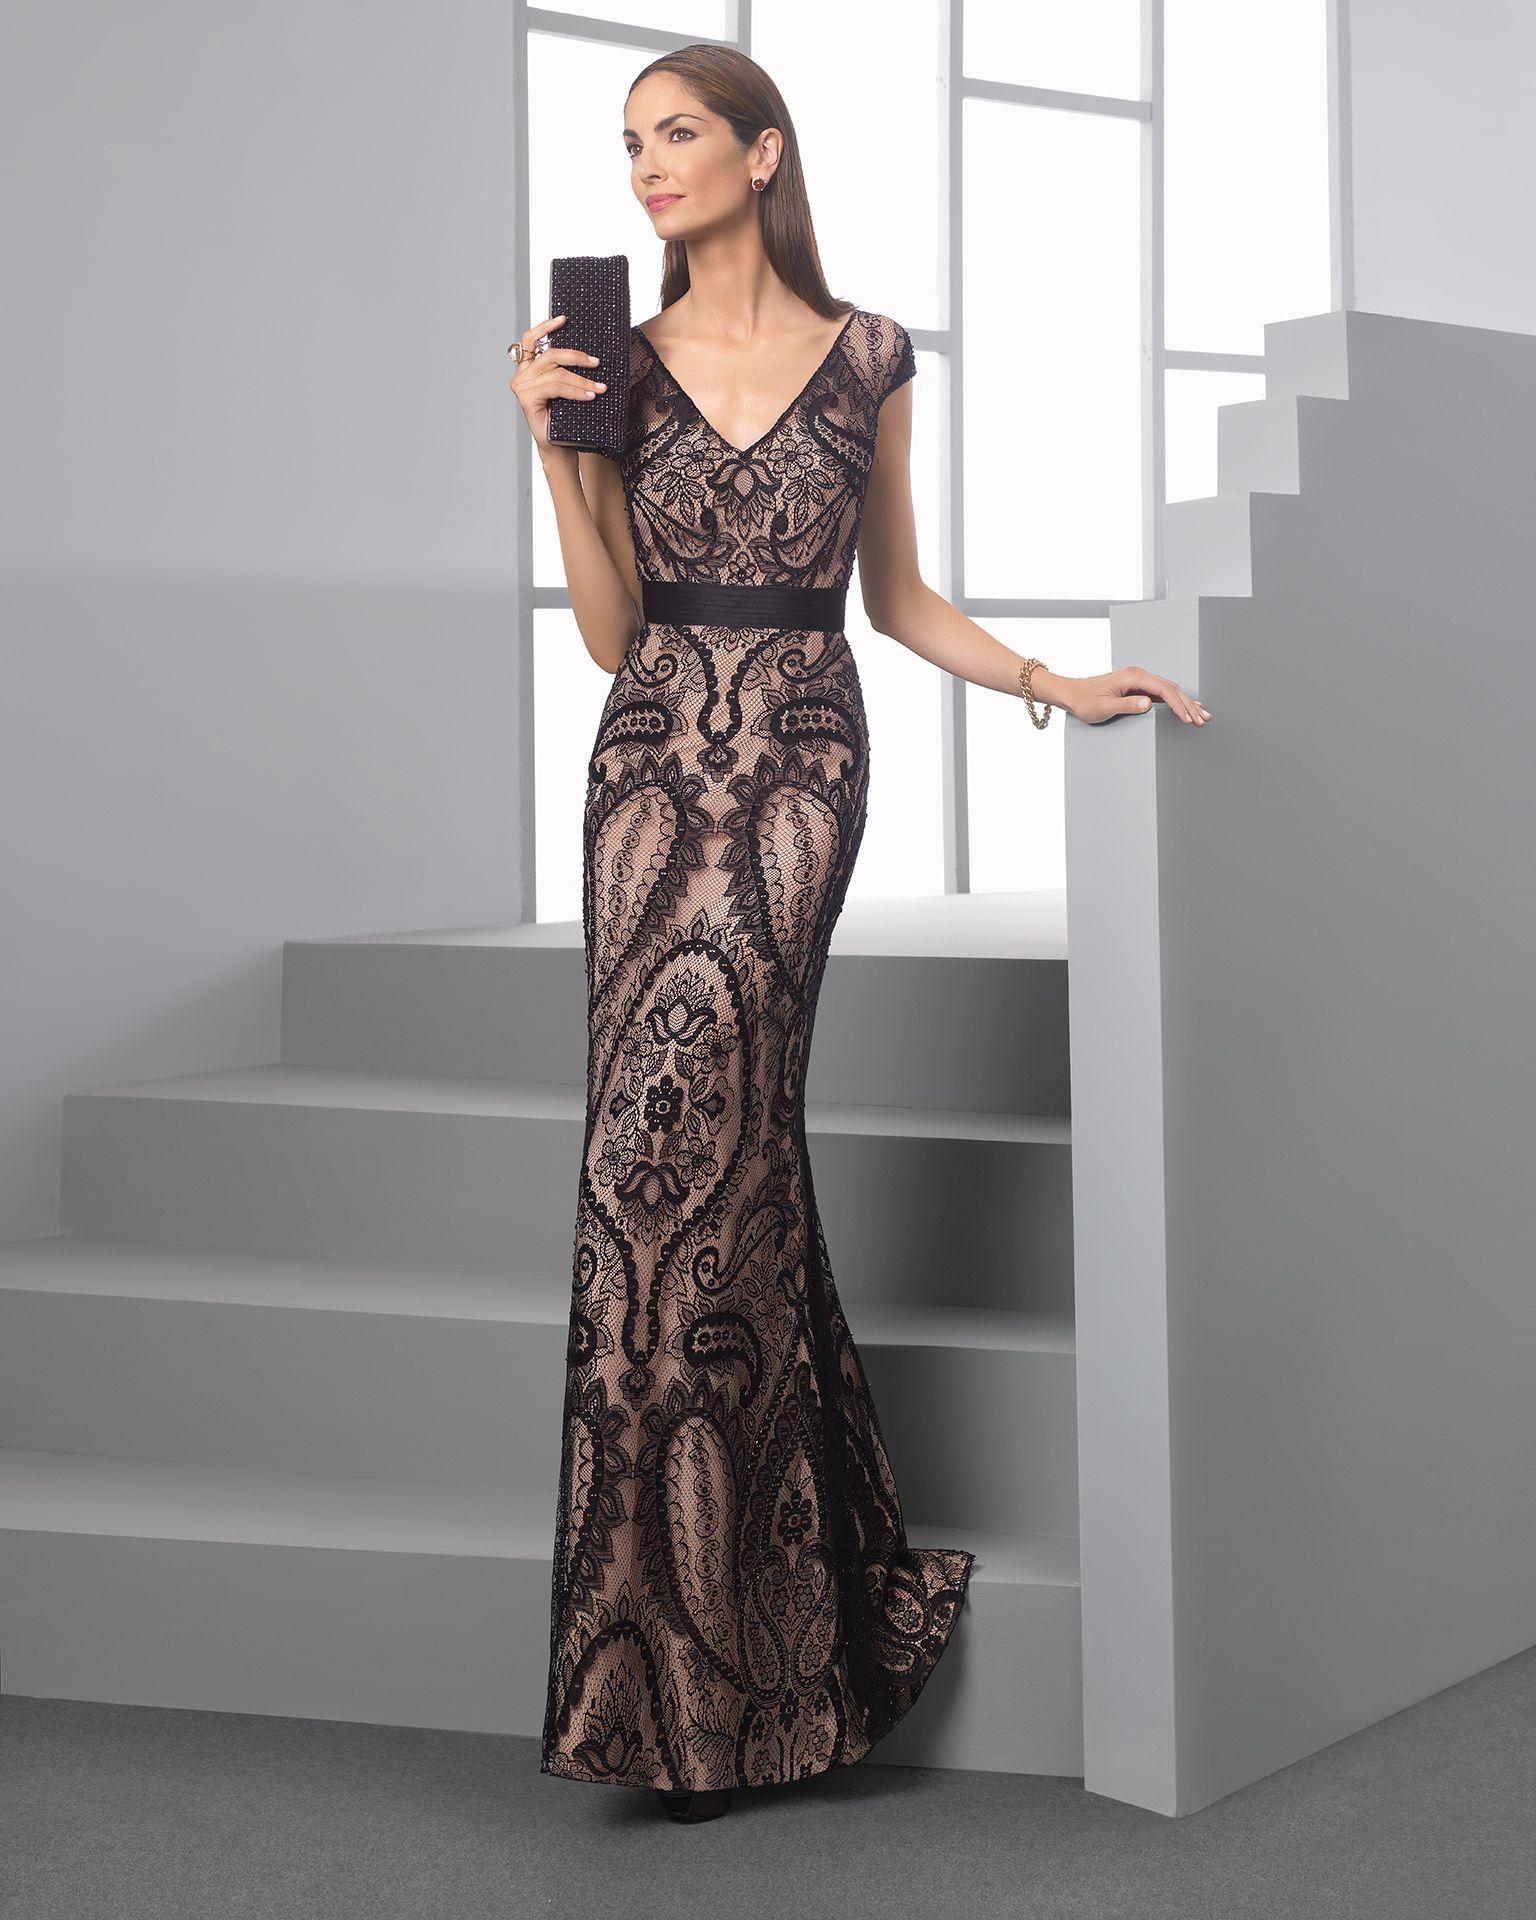 2516bbd527c3 1T2F7 | vestidos | Tintoretto vestidos, Vestido boda noche y ...